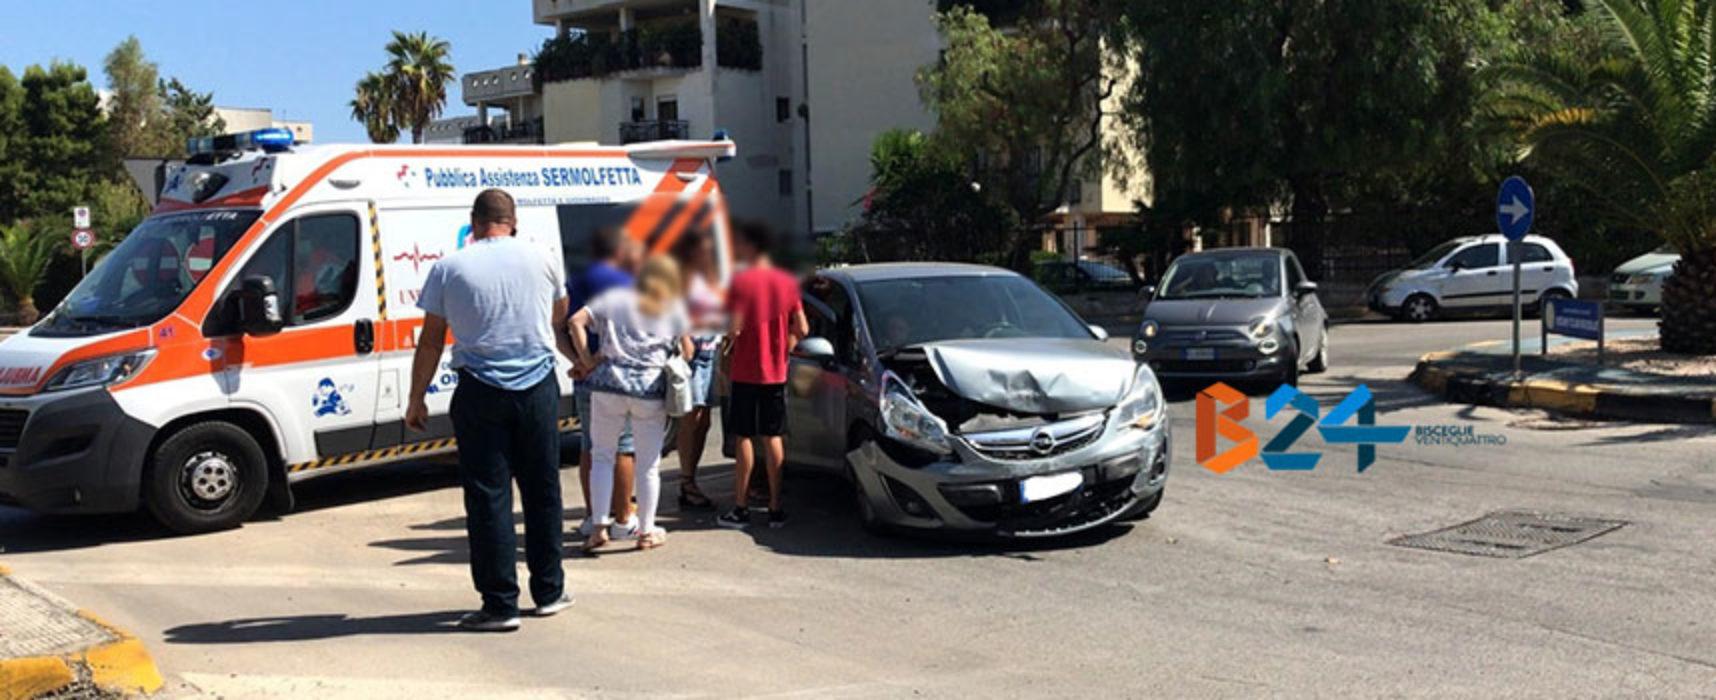 Scontro tra due auto in zona Sant'Andrea, 18enne trasportata in ospedale